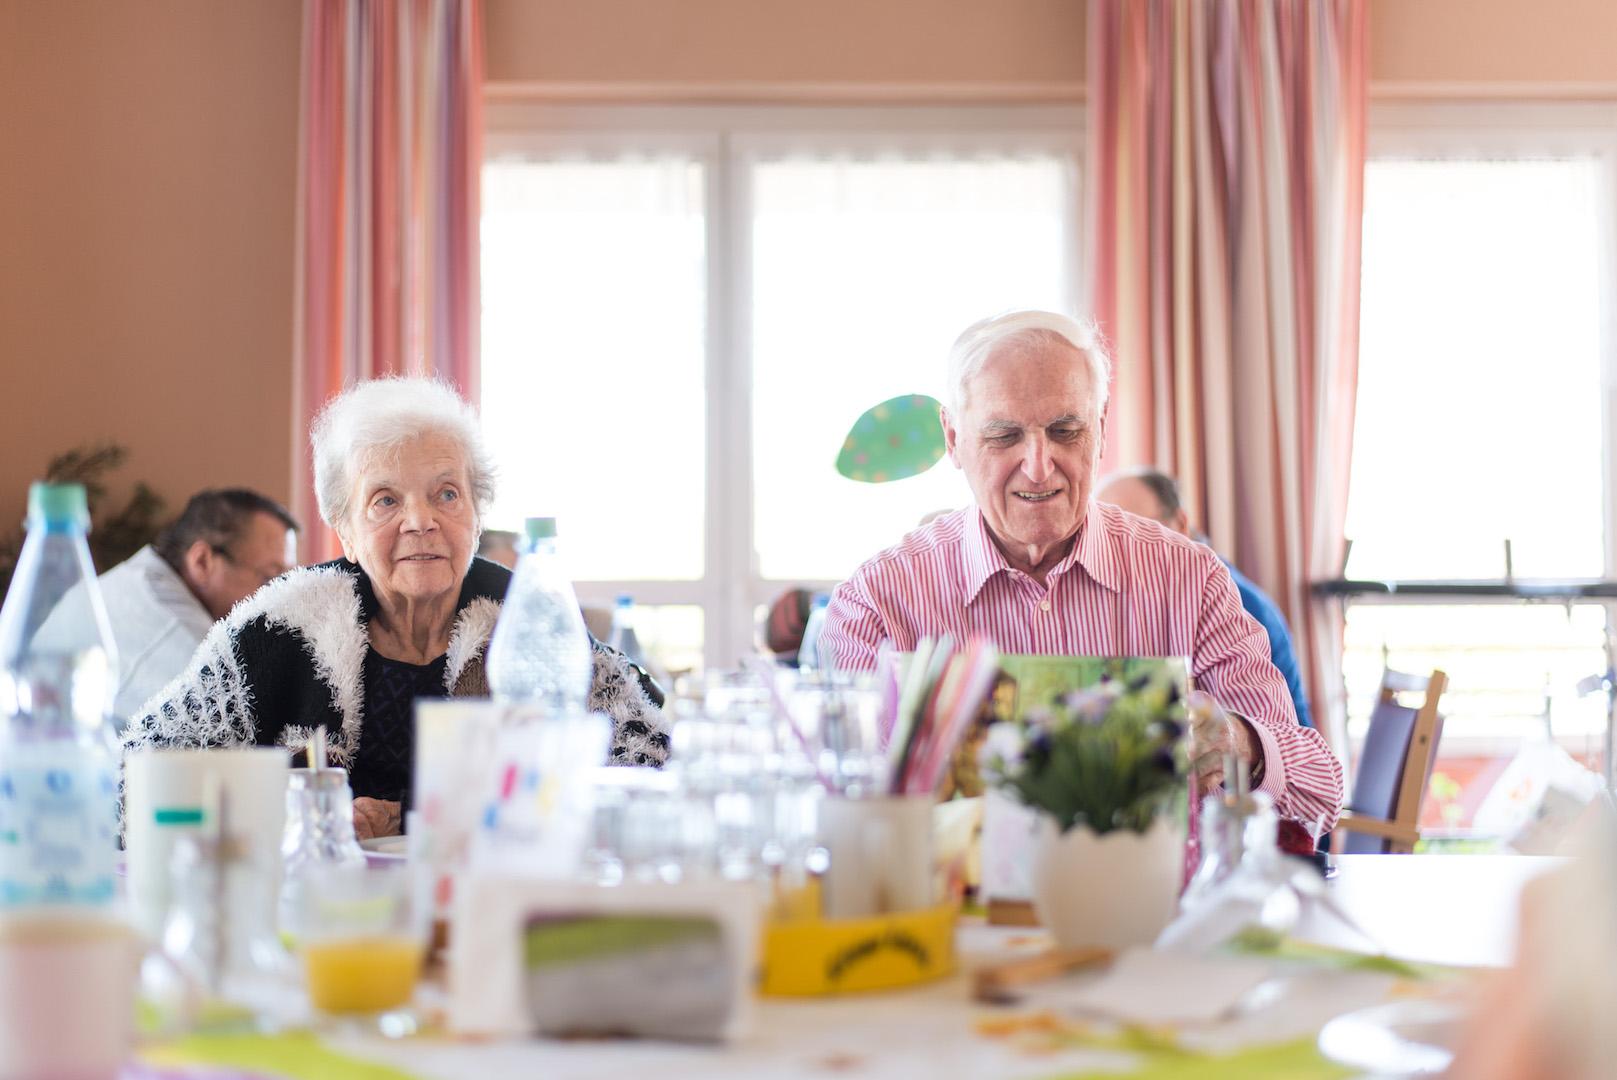 Eine Bewohnerin und Ein Bewohner sitzen am Frühstückstisch.